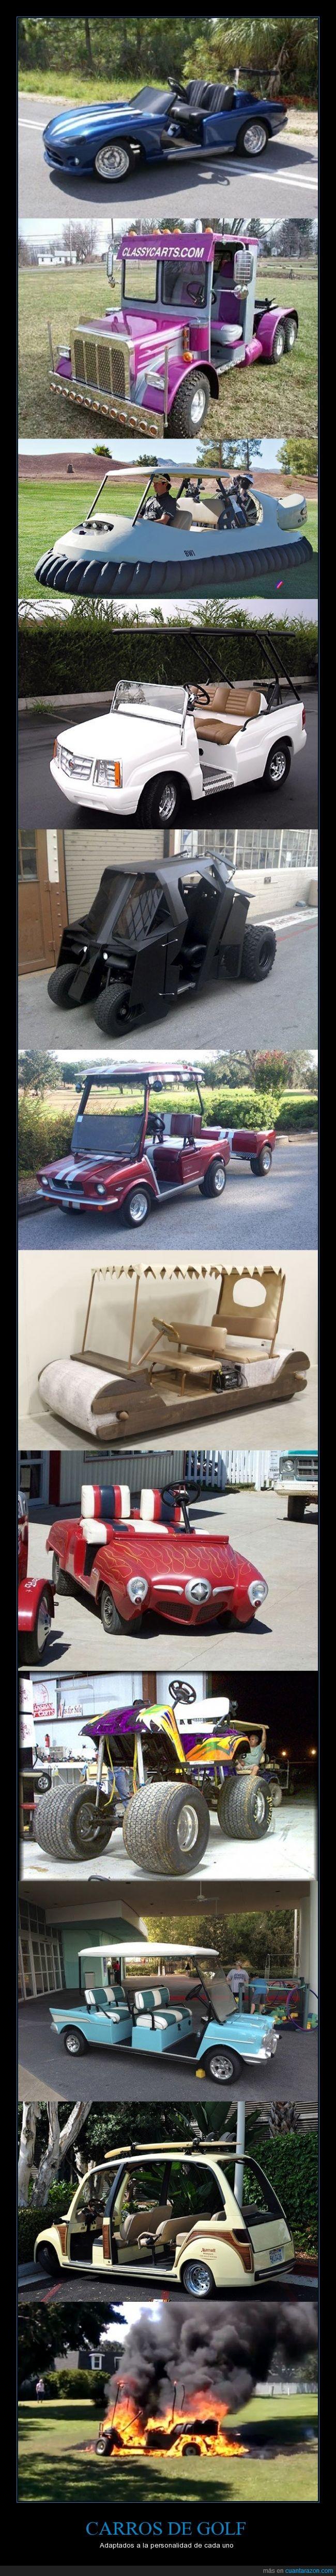 carritos,cochecito,diseños,fuego,ghost ride le gusta el cartel,golf,llamas,personalizados